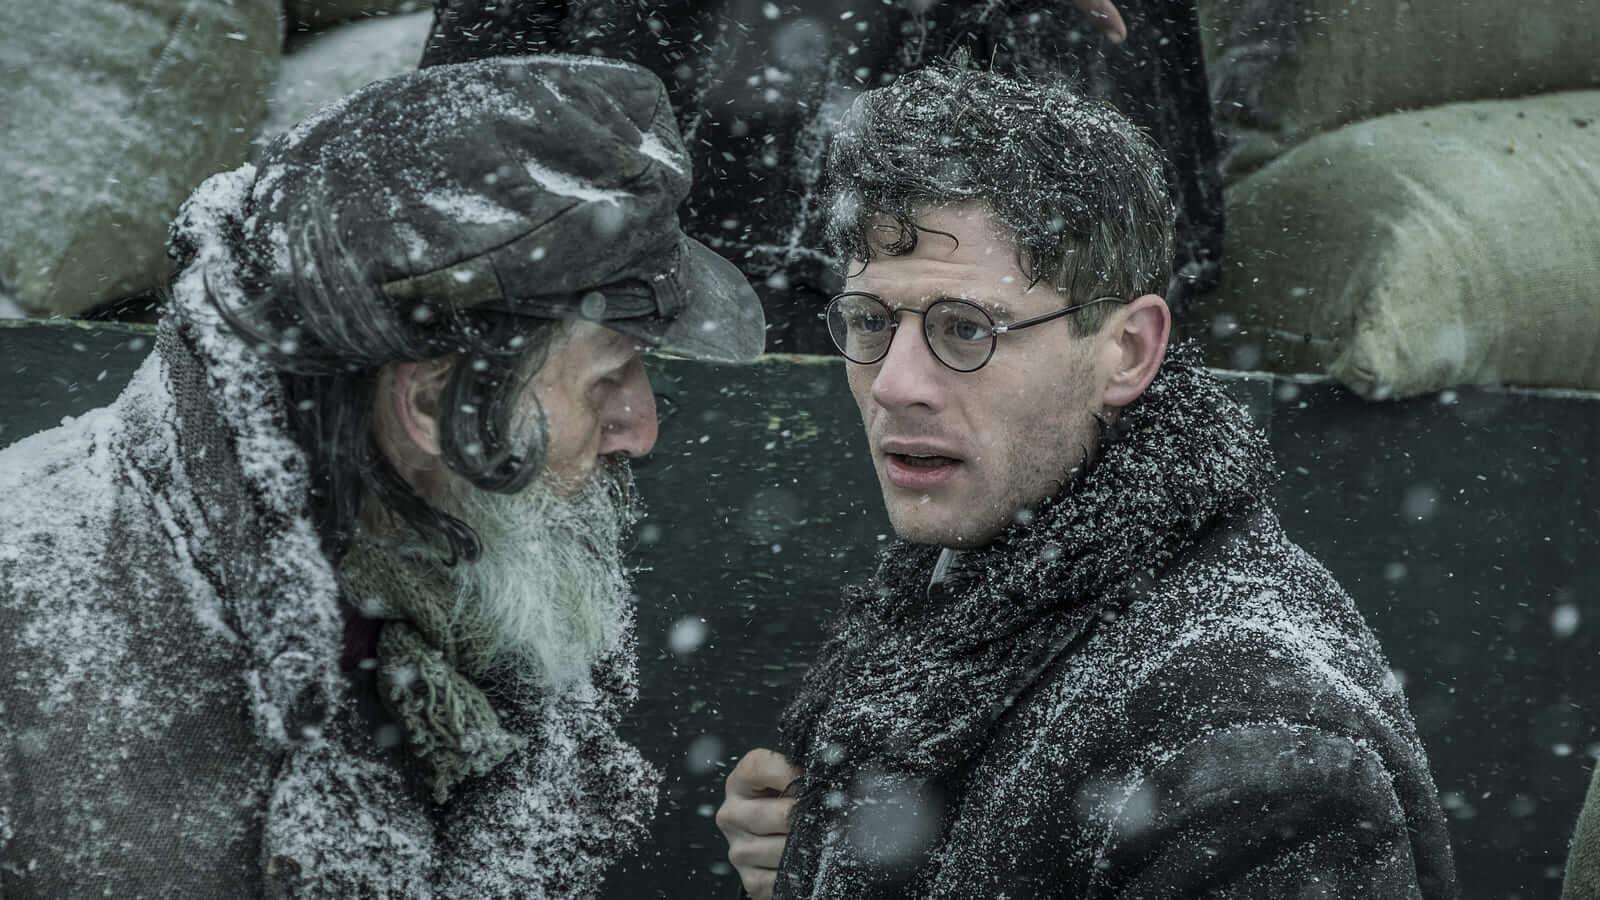 Так меняется история: антироссийская польско-украинская сказка о Голодоморе